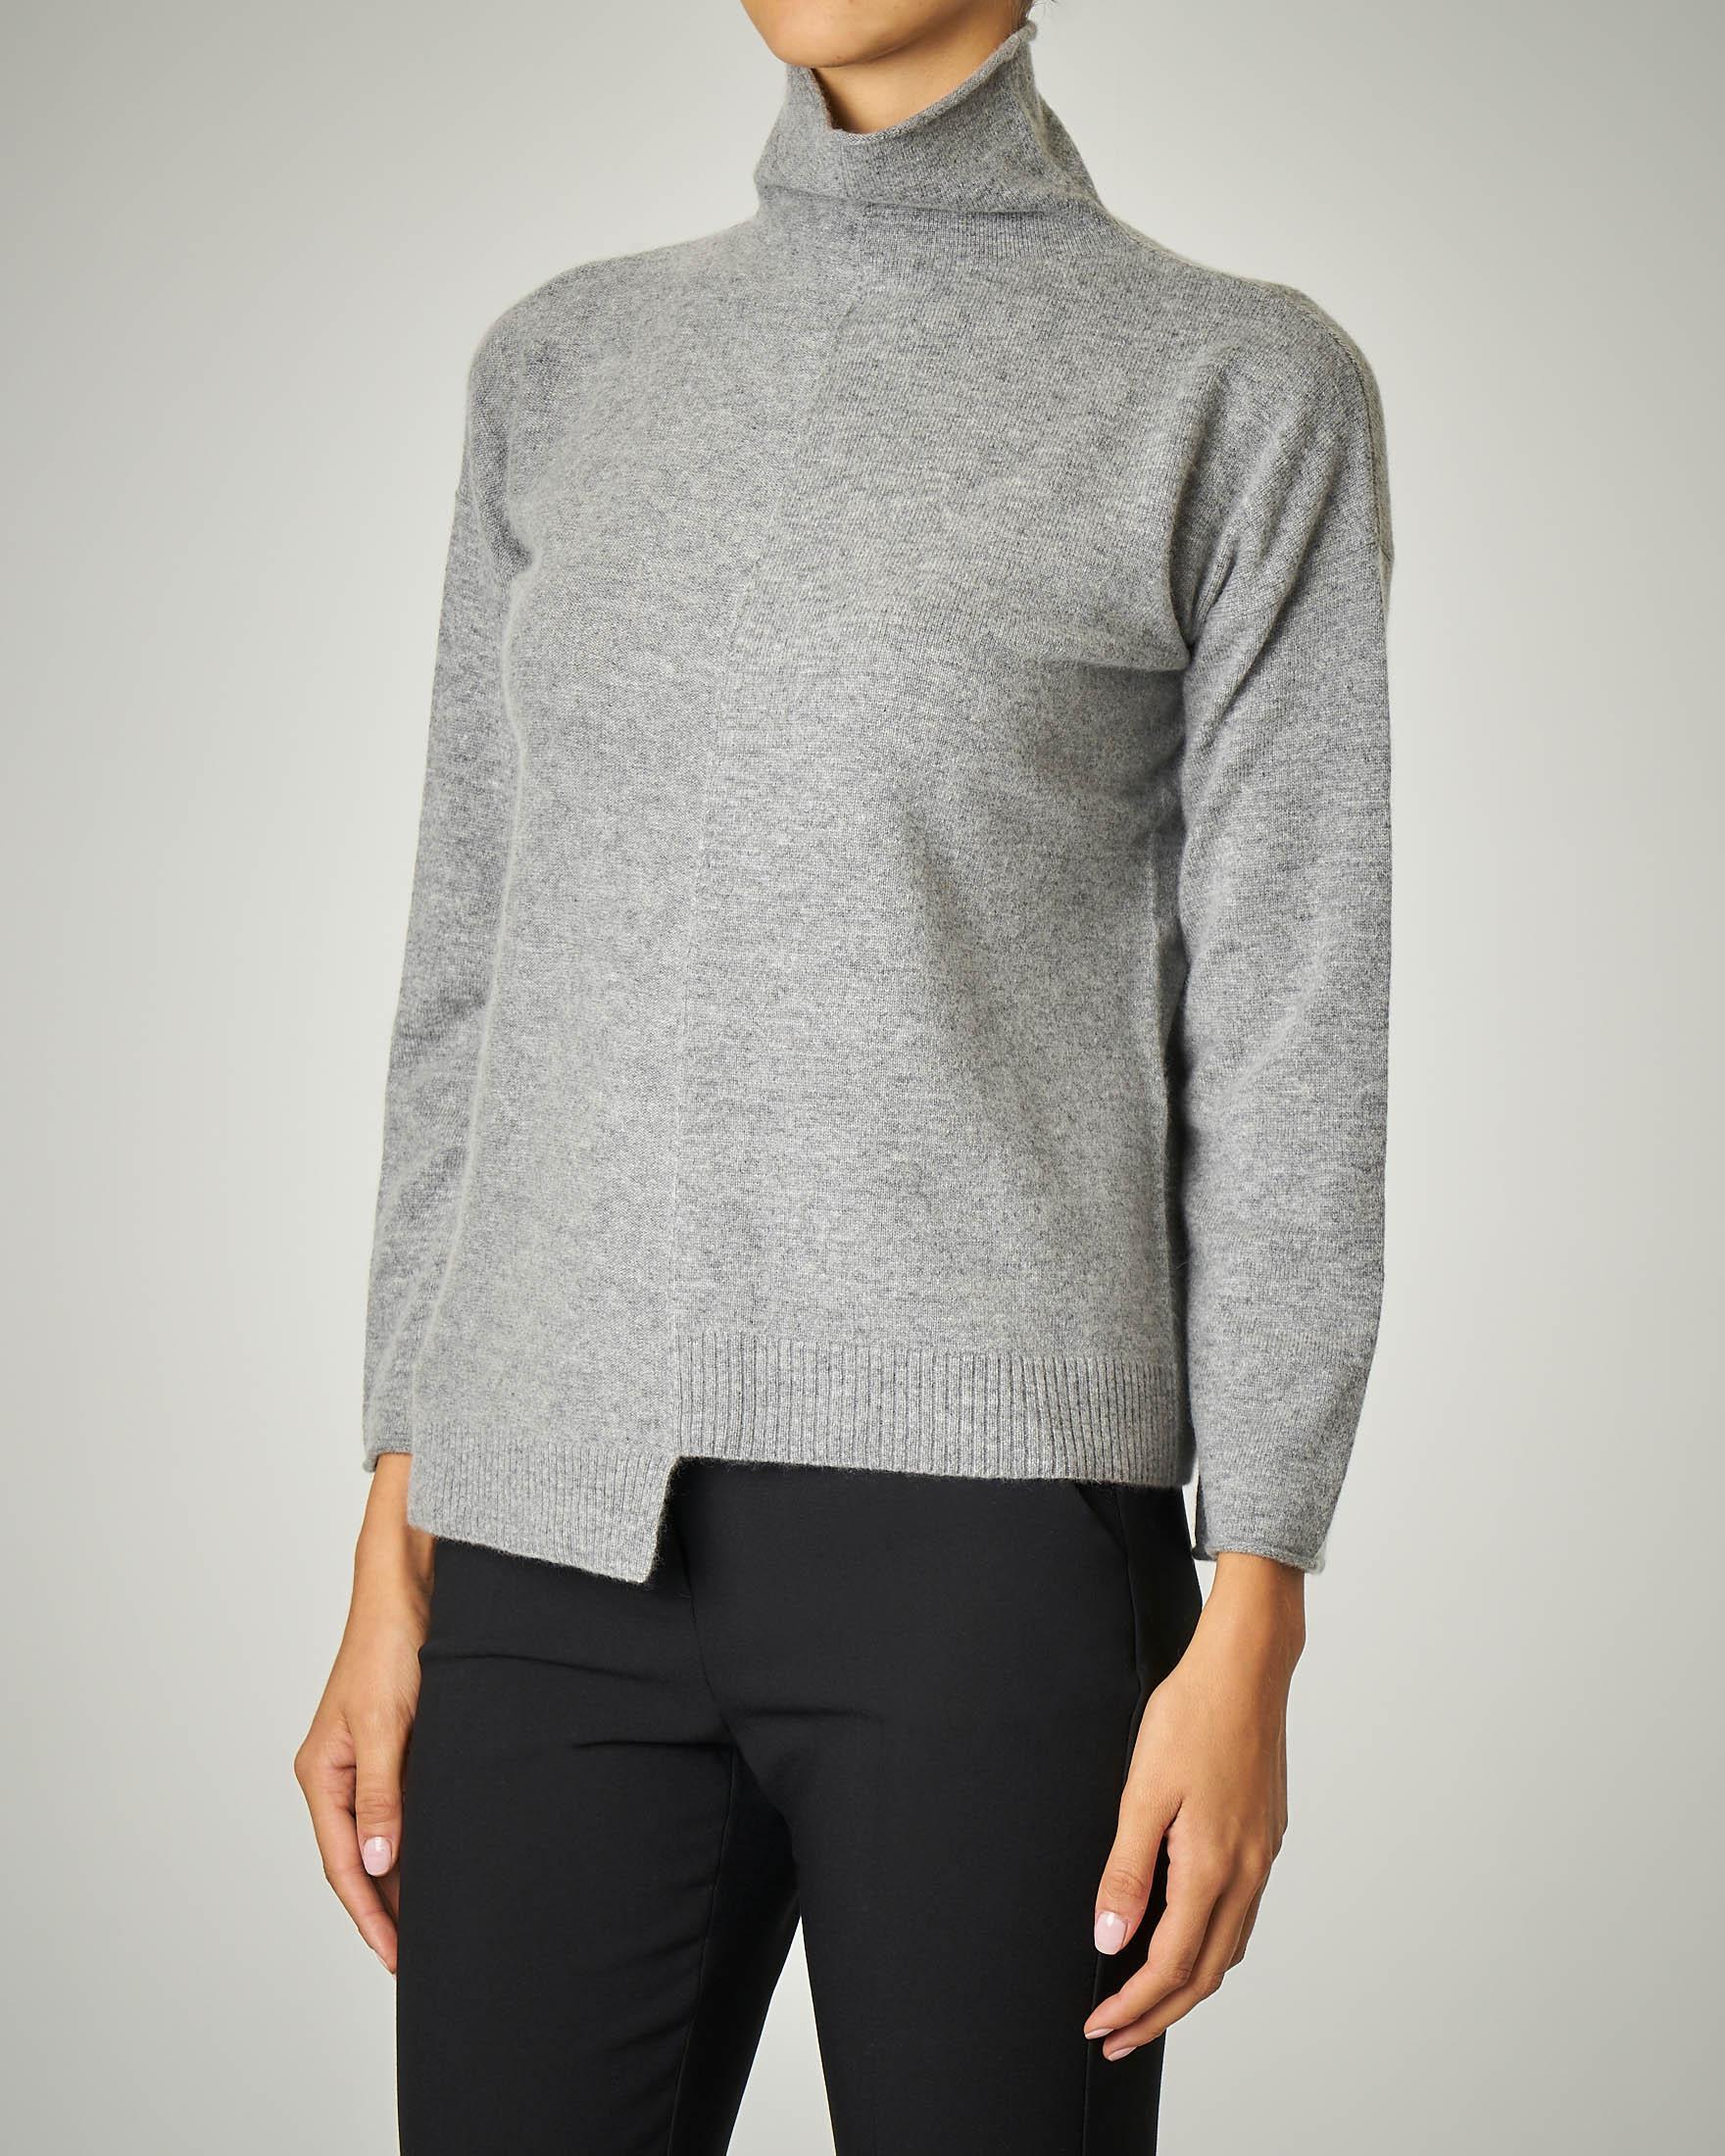 Maglia in lana colore grigio.